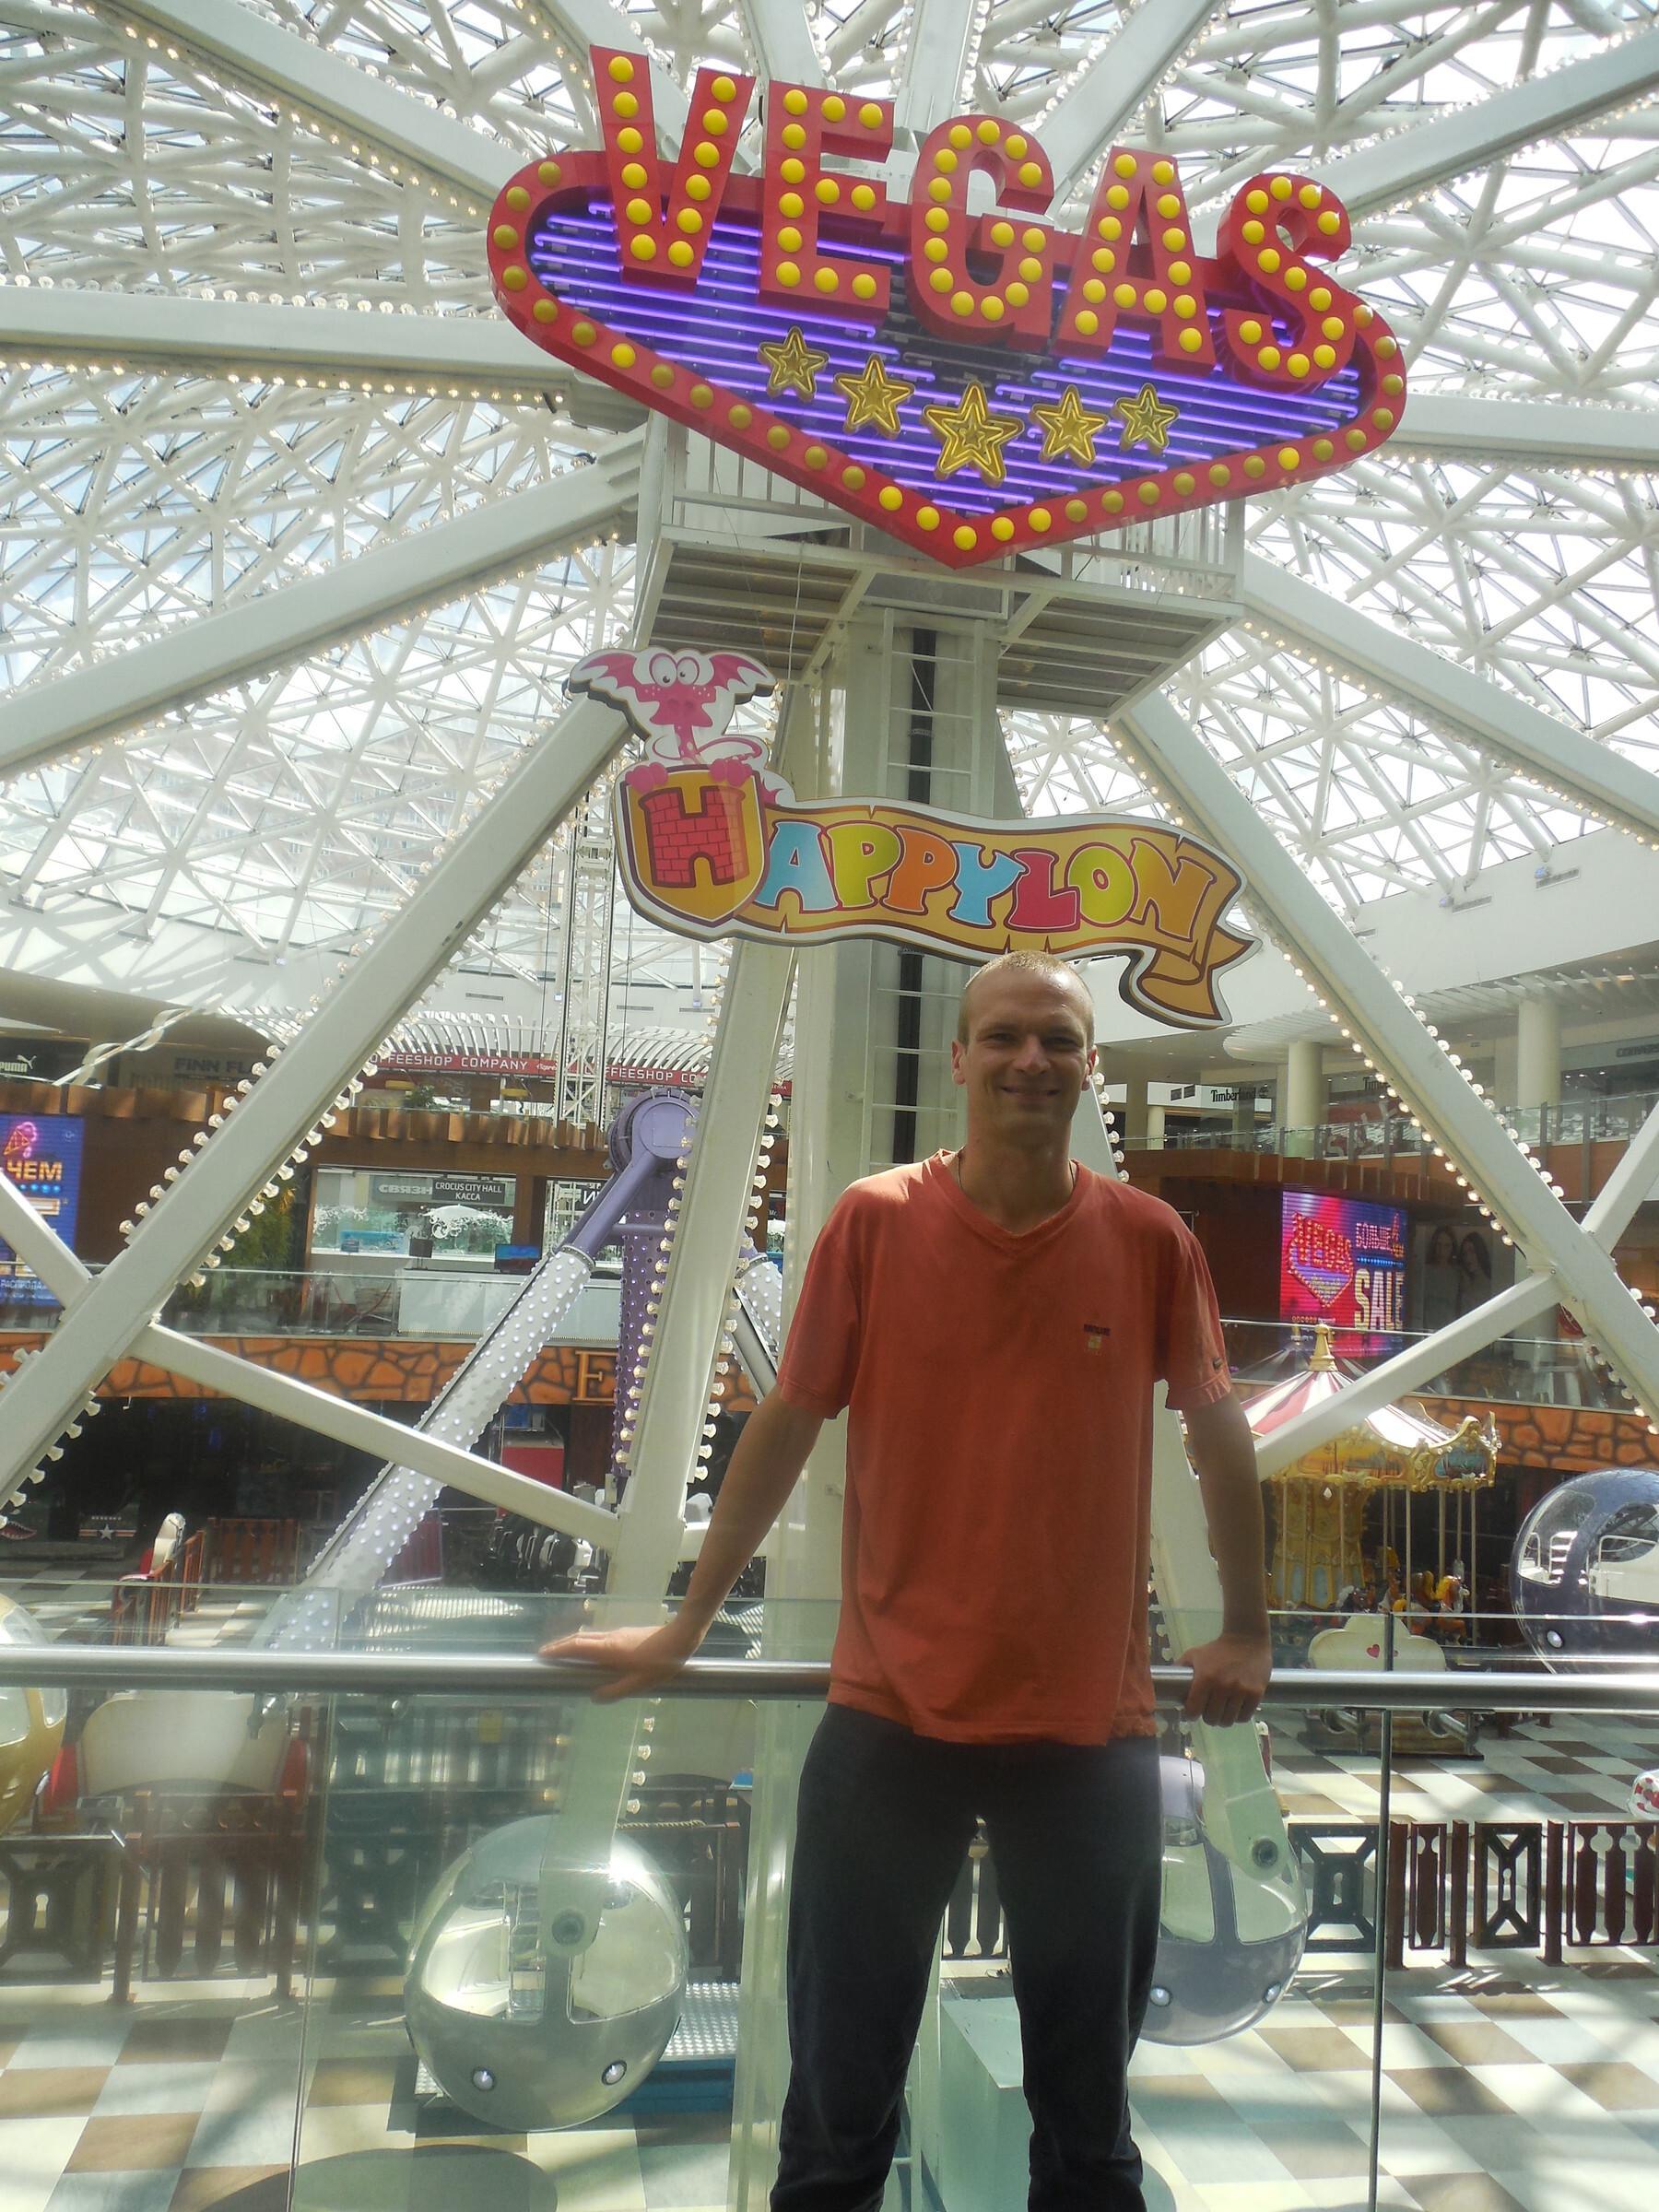 Торгово-развлекательный центр «Вегас» внутри: парк аттракционов «Happylon» - колесо Фортуны (колесо обозрения), Москва - ТРЦ «Вегас»